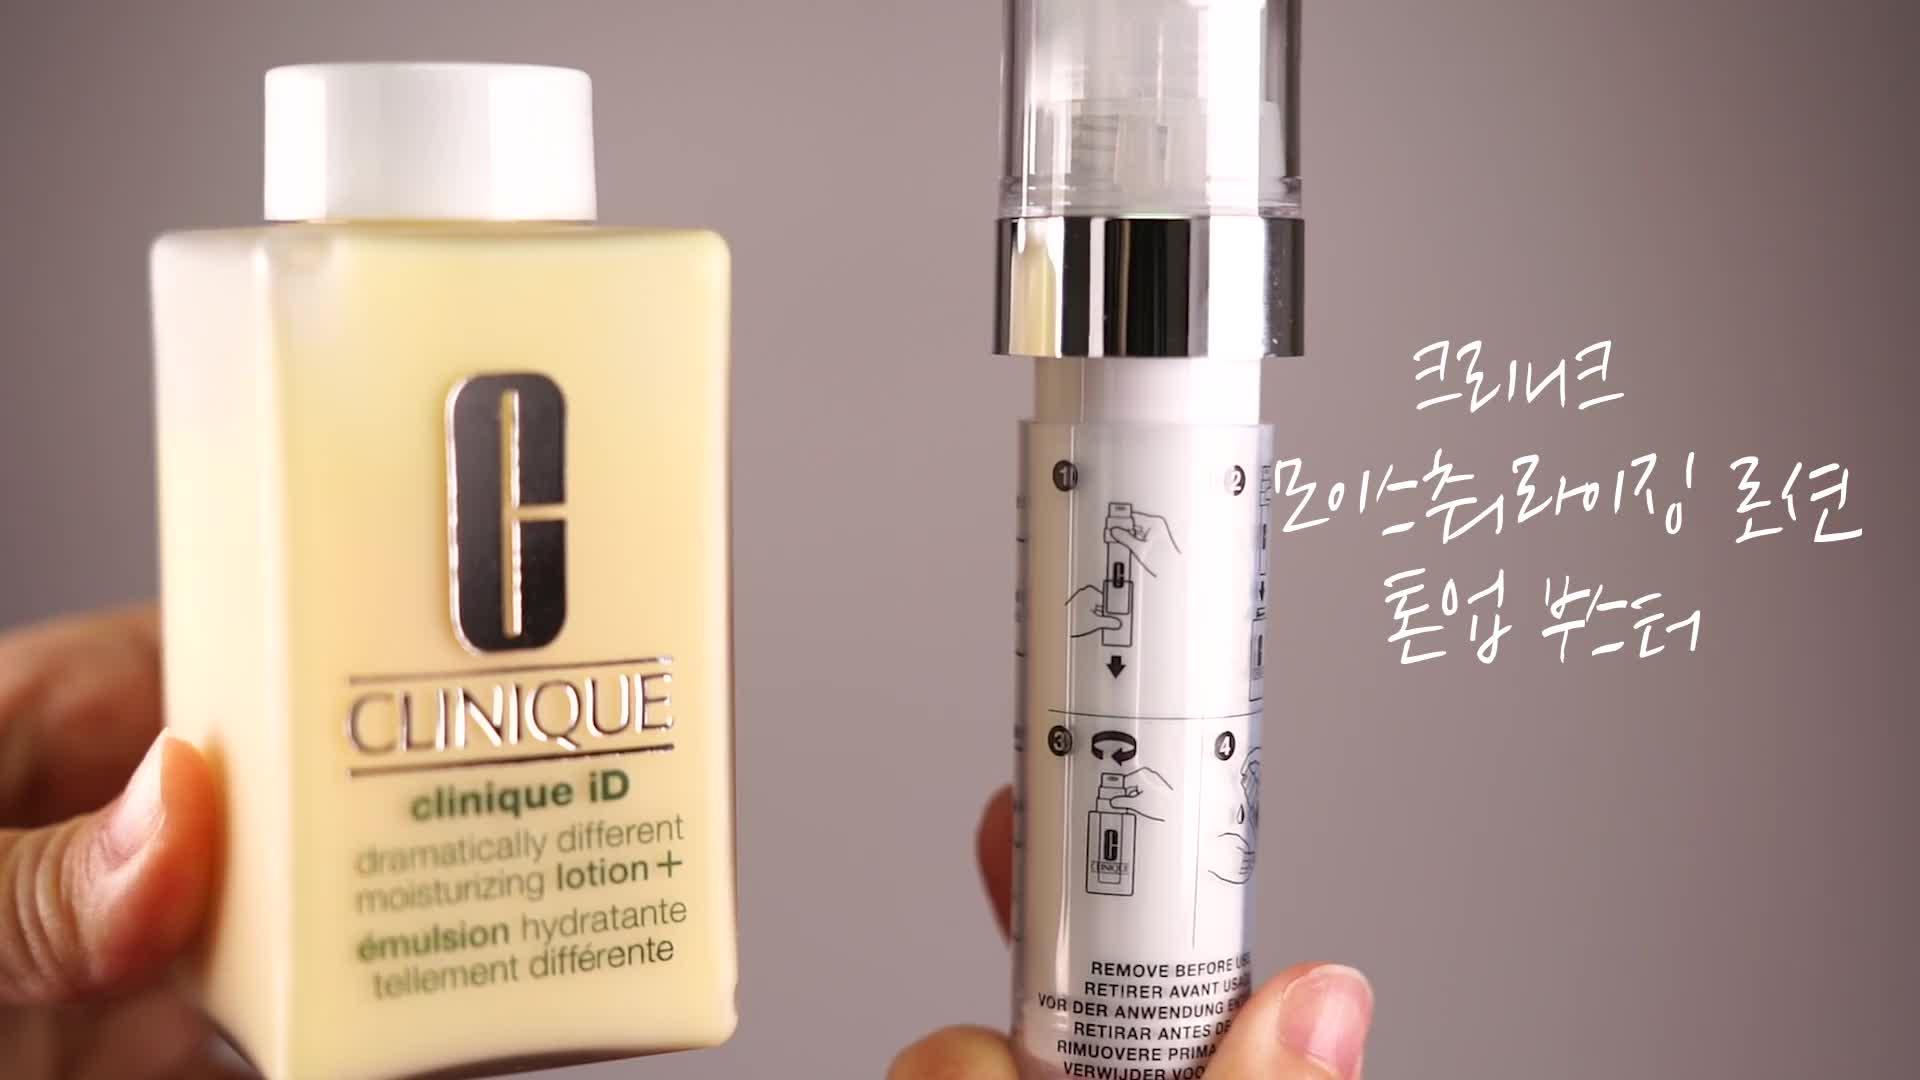 [1분팁] 신박한 피부 화이트닝 제품 3STEP